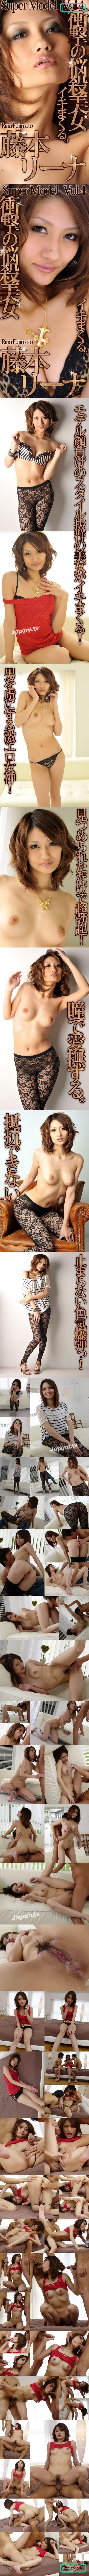 [BD][SMHDBD 04][SMDV 04] S Model DV 04 : Riina Fujimoto 藤本リーナ SMHDBD SMDV Riina Fujimoto